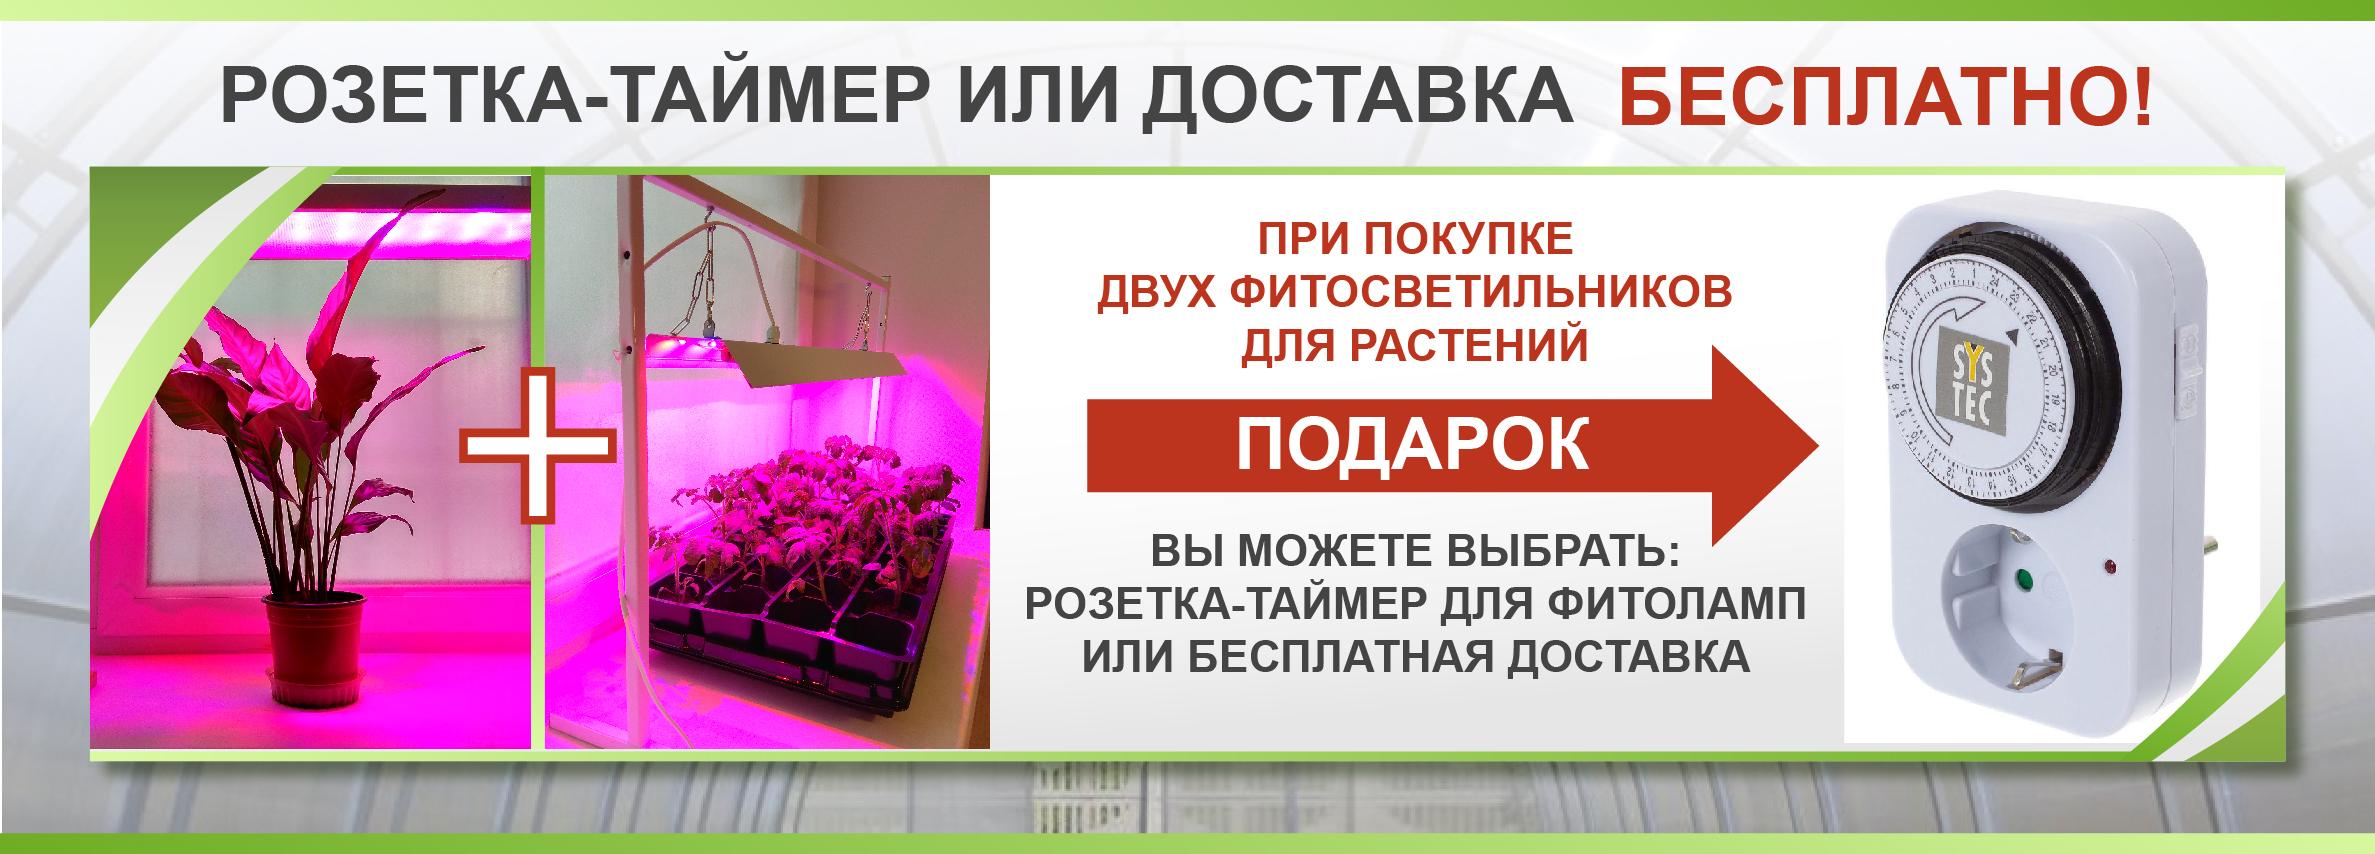 Подарок при покупке нескольких светильников для растений!